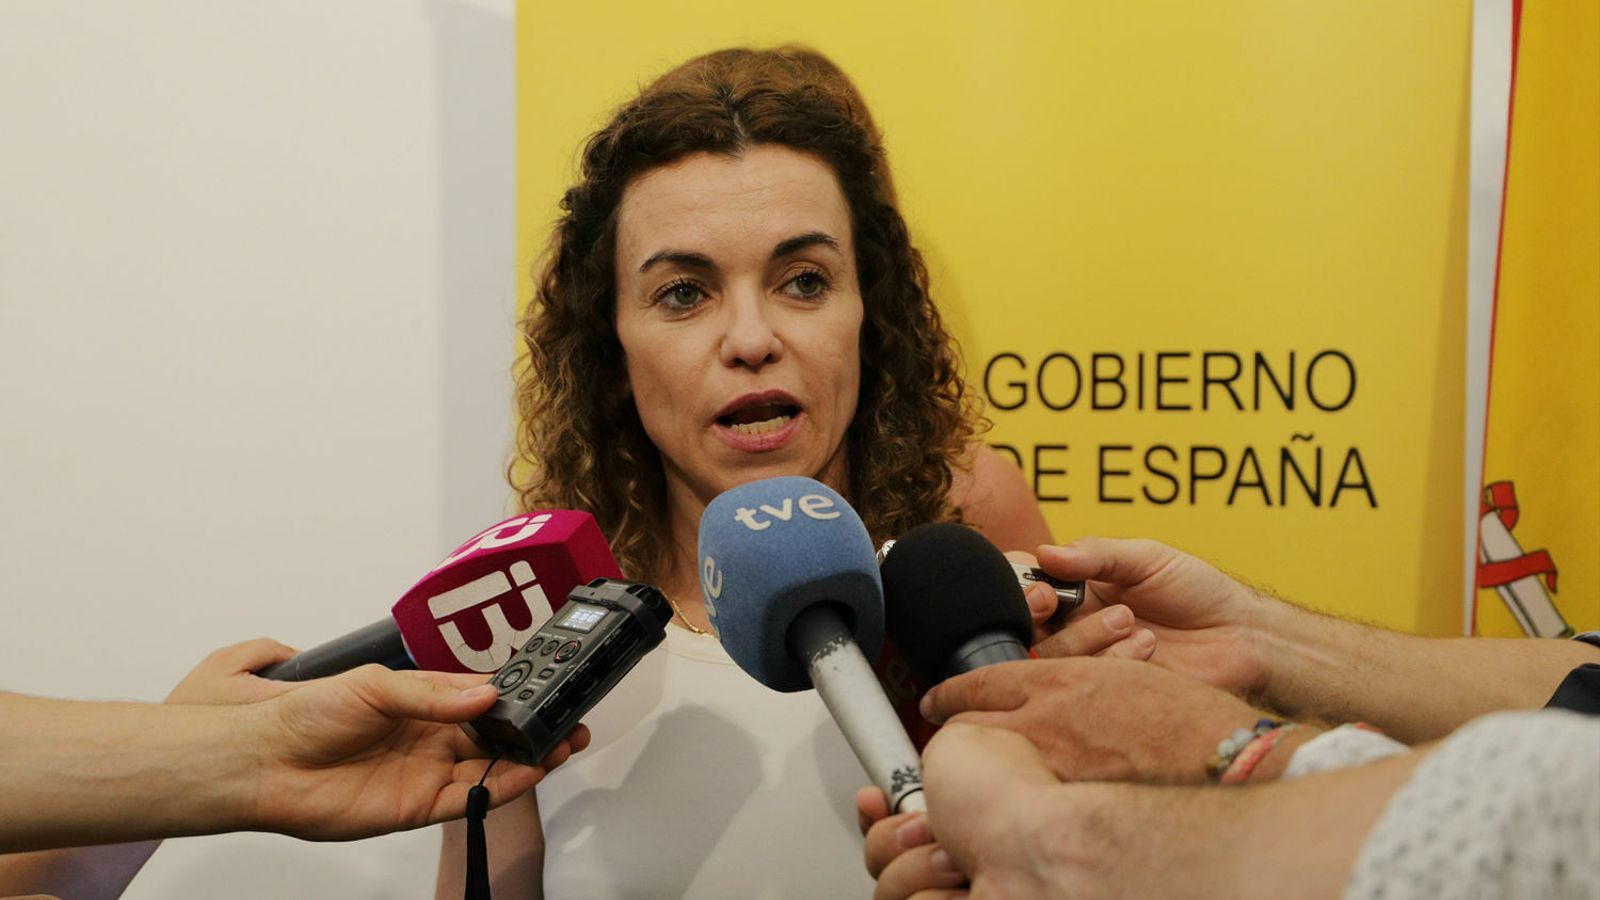 La delegada del govern Rosario Sánchez